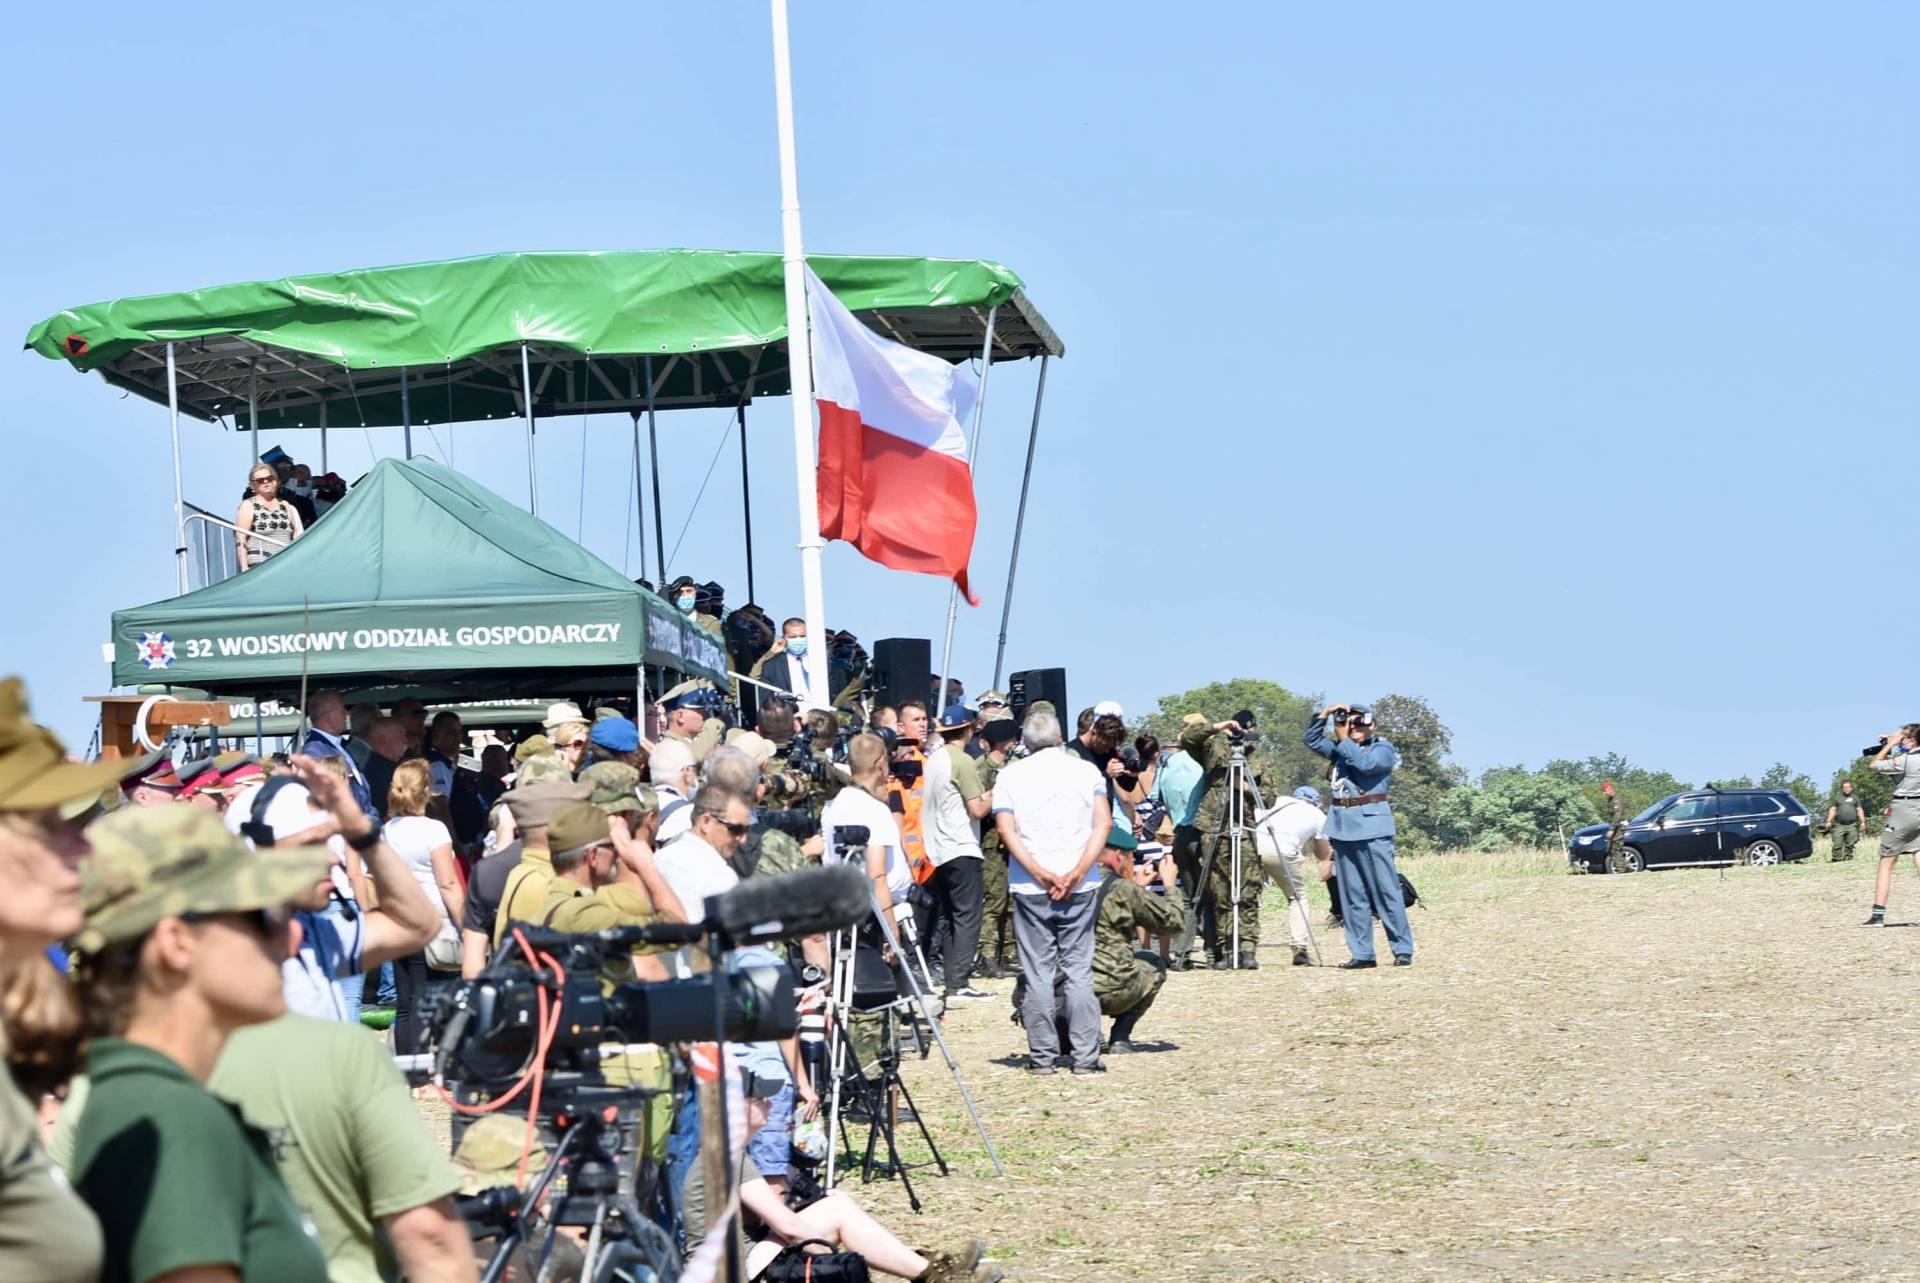 dsc 0501 Czas szabli - 100 rocznica bitwy pod Komarowem(zdjęcia)